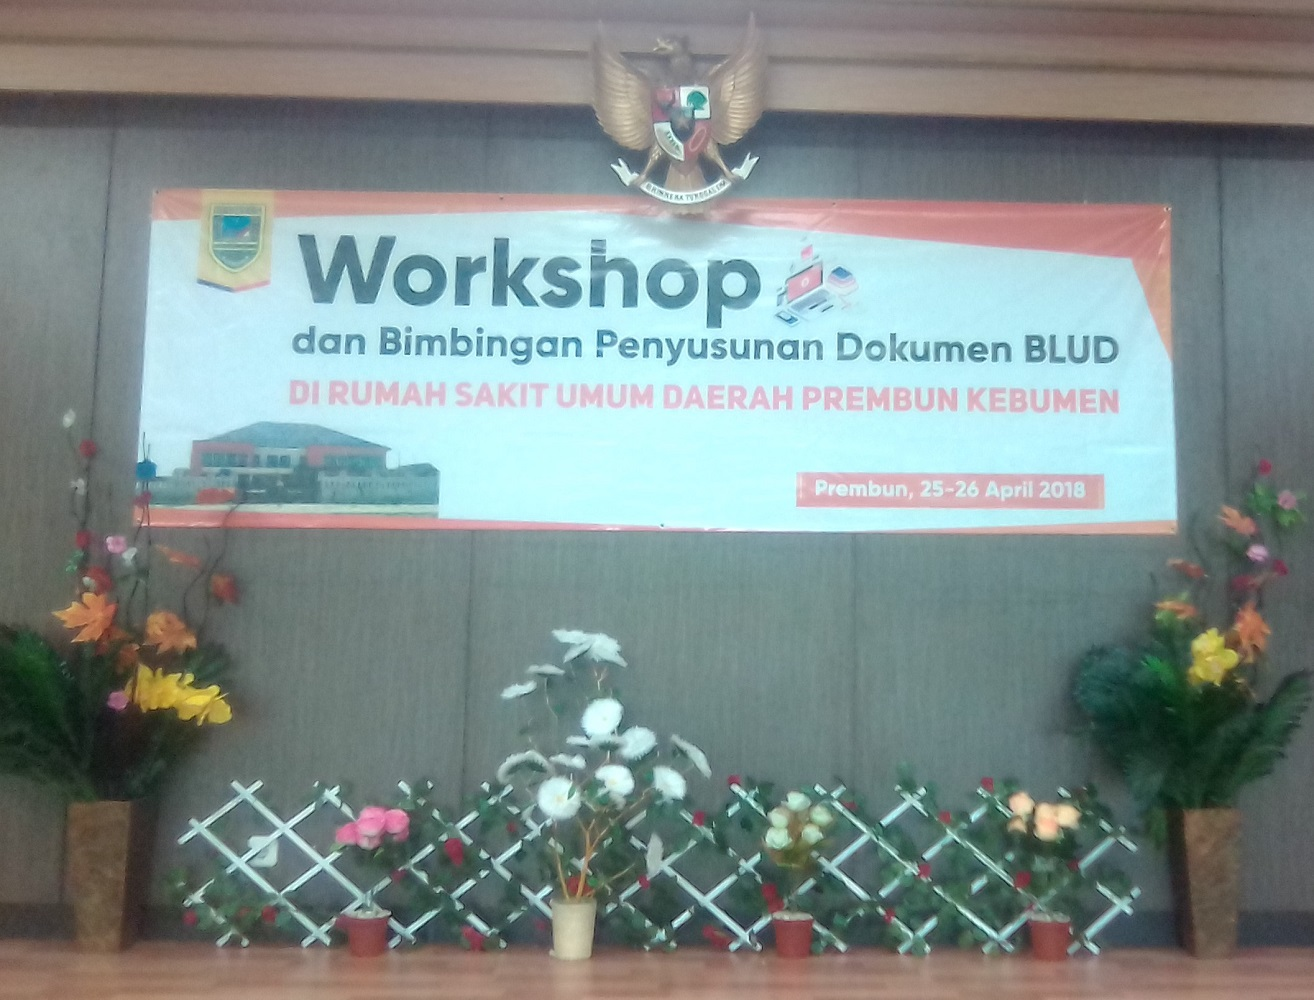 WORKSHOP dan Bimbingan  Penyusunan Dokumen BLUD di RSUD Prembun Kebumen